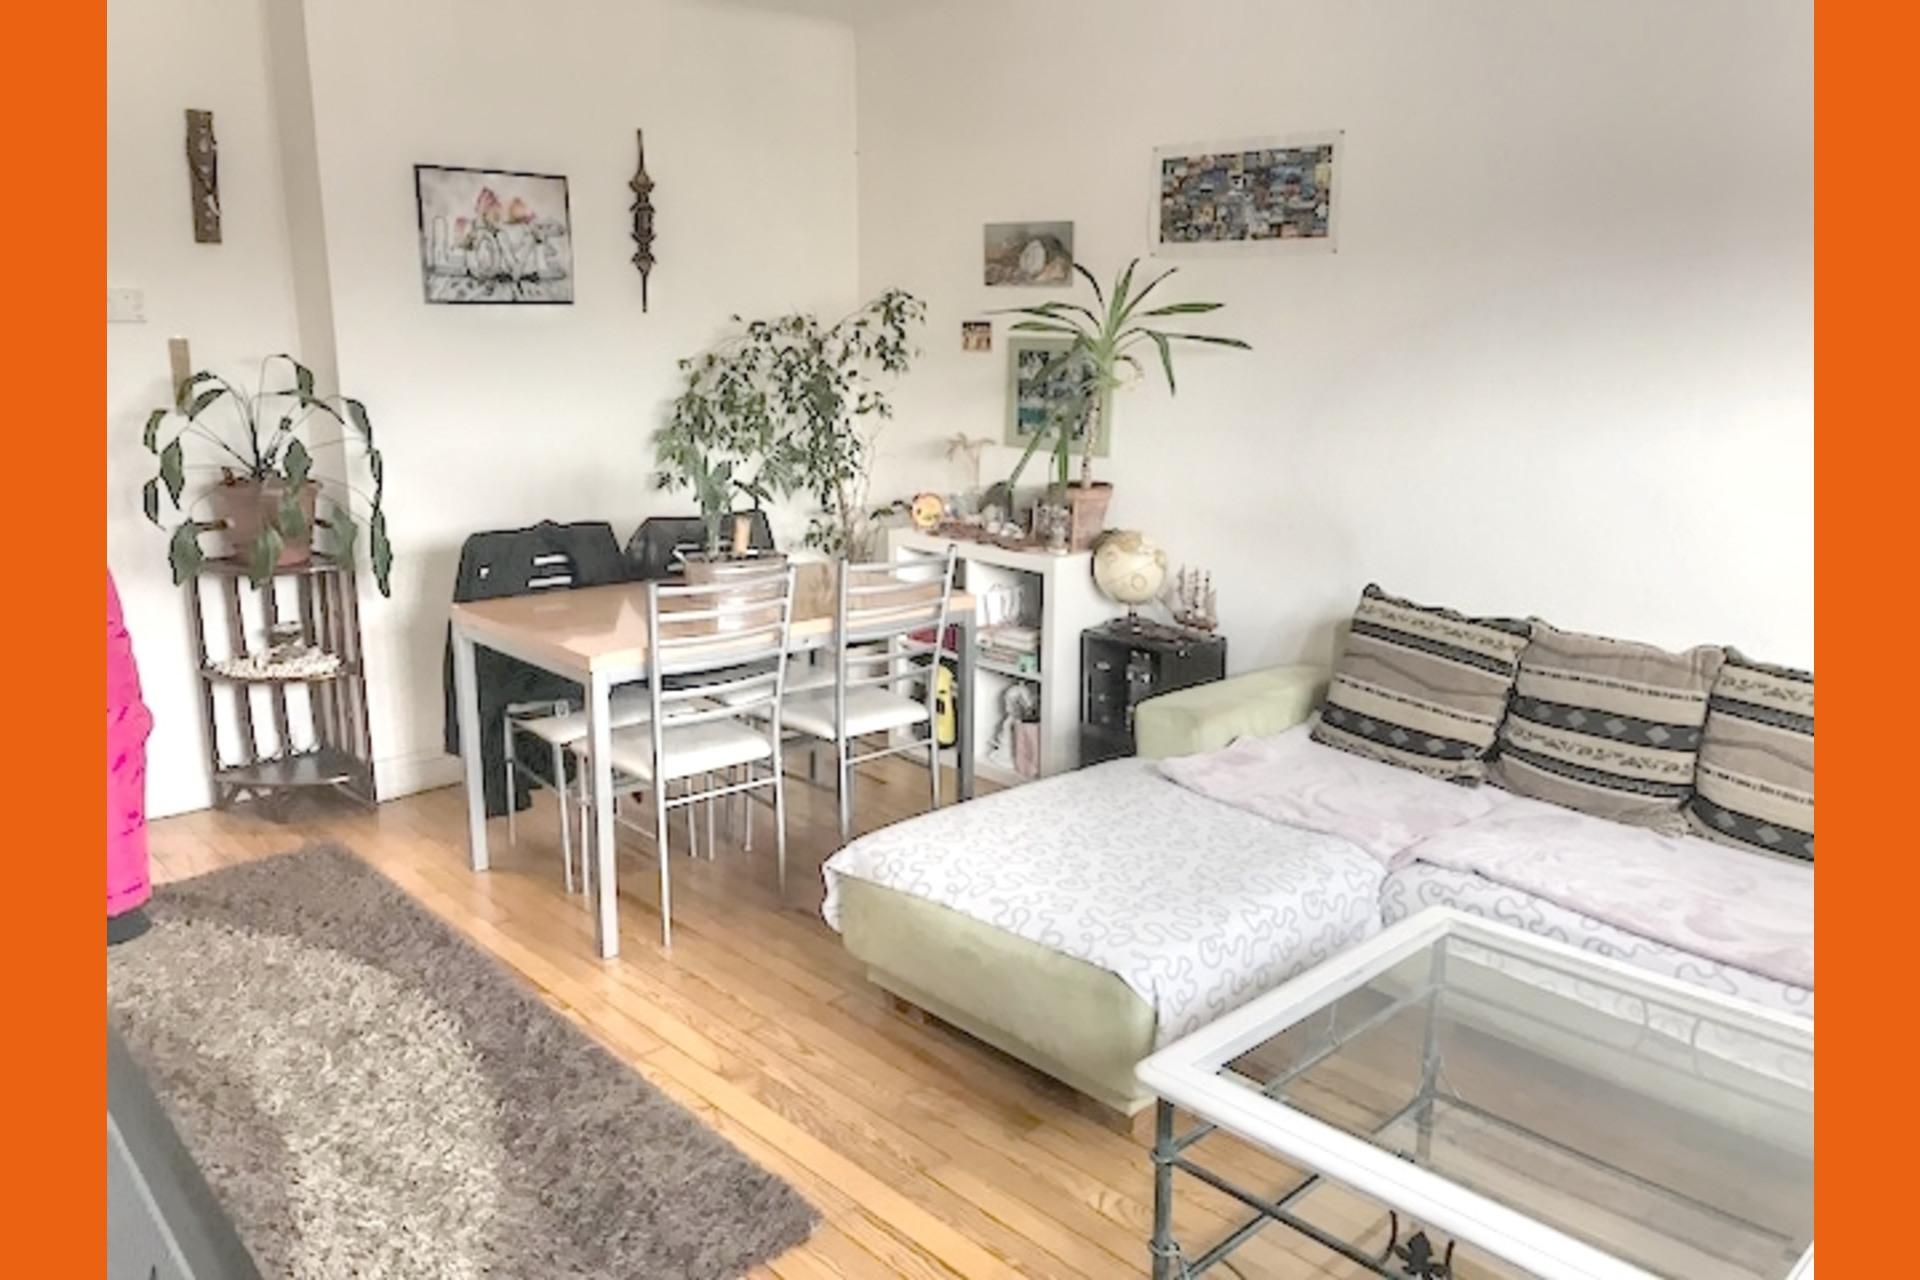 image 1 - Appartement À louer Montigny-lès-Metz